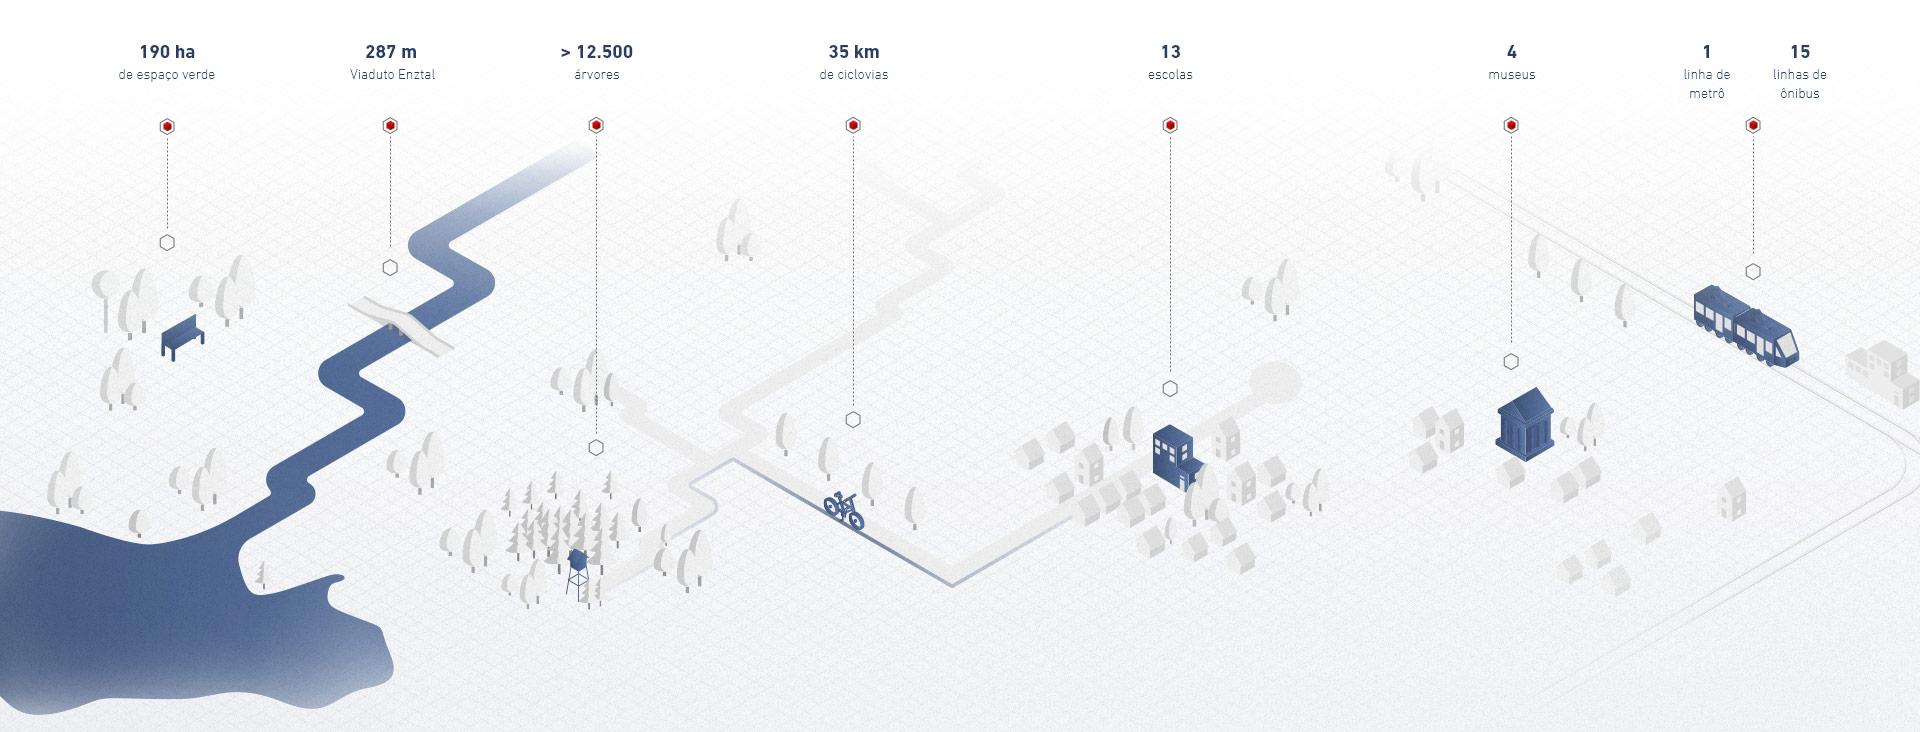 location graphic bietigheim